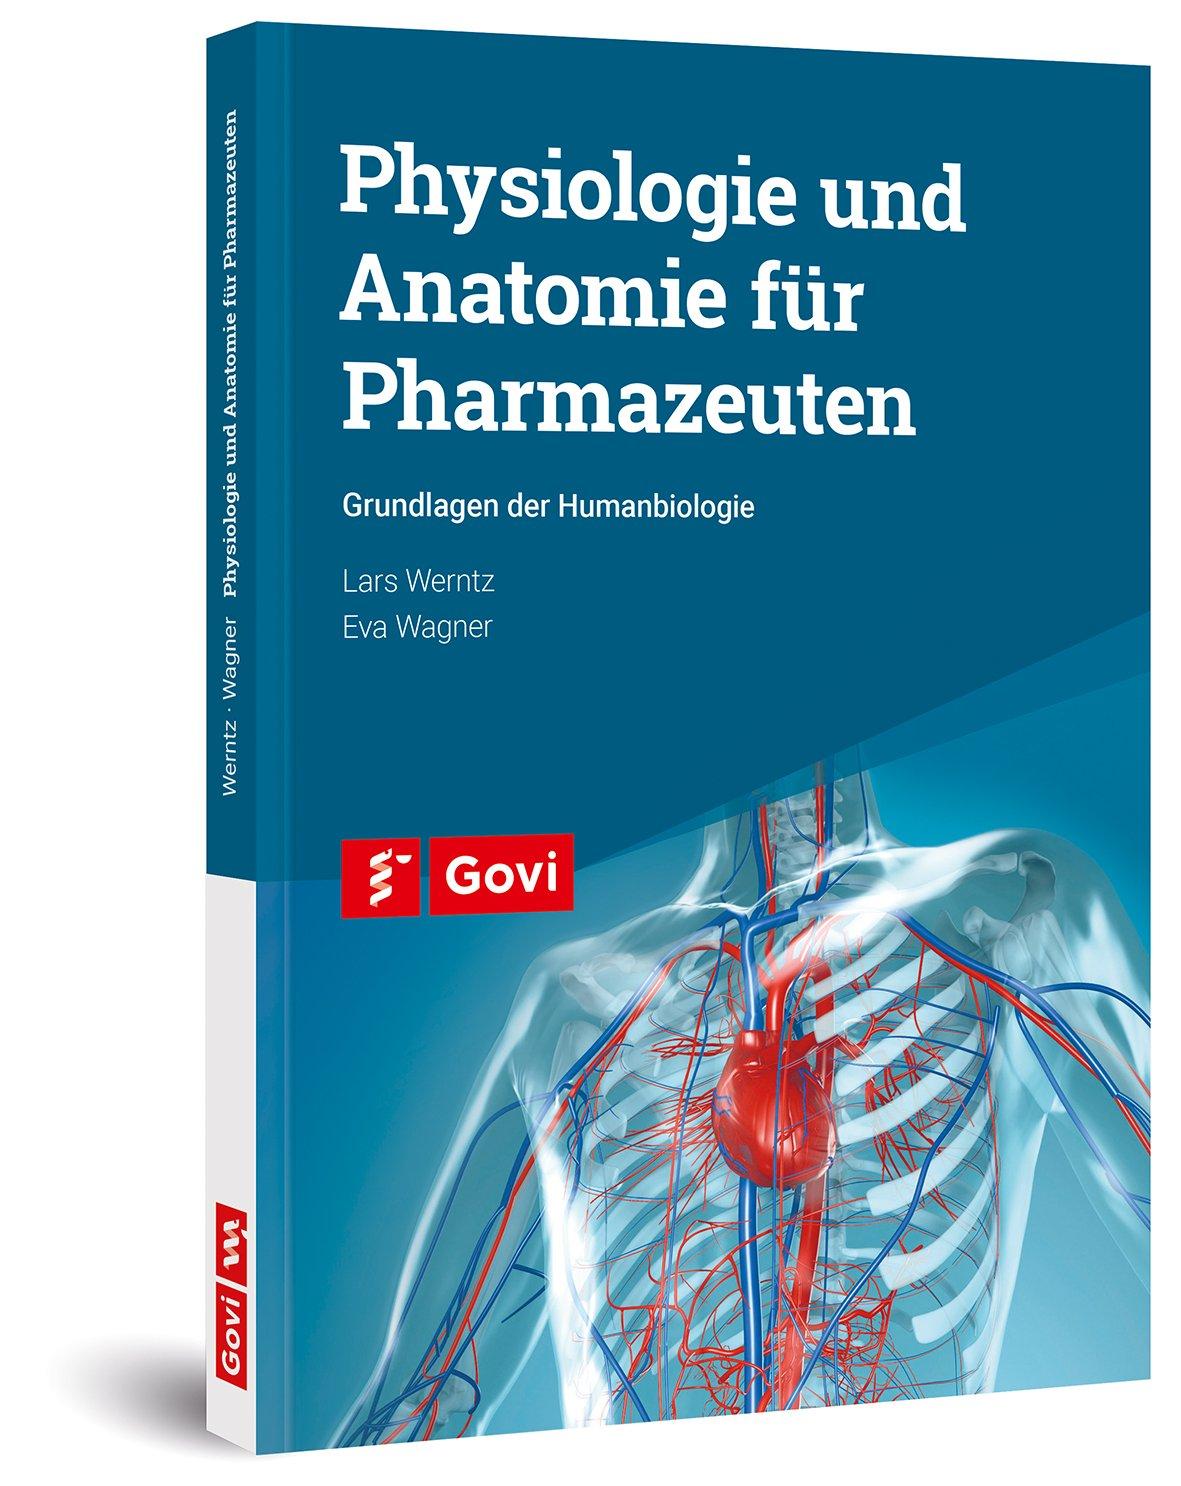 Schön Hilfe Bei Der Anatomie Und Physiologie Fotos - Menschliche ...